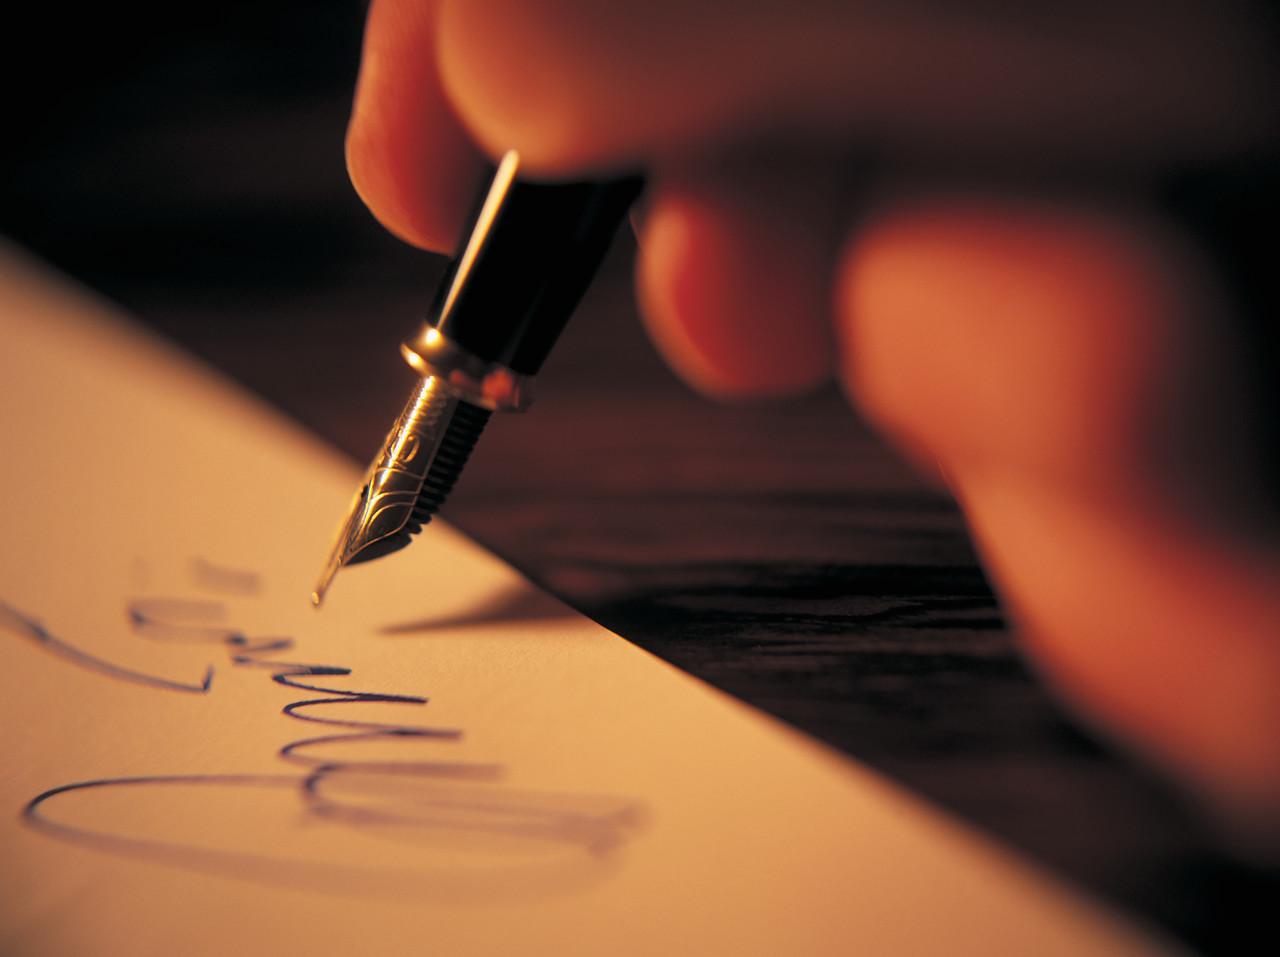 Ink_Pen_Hand_2EWMRZ